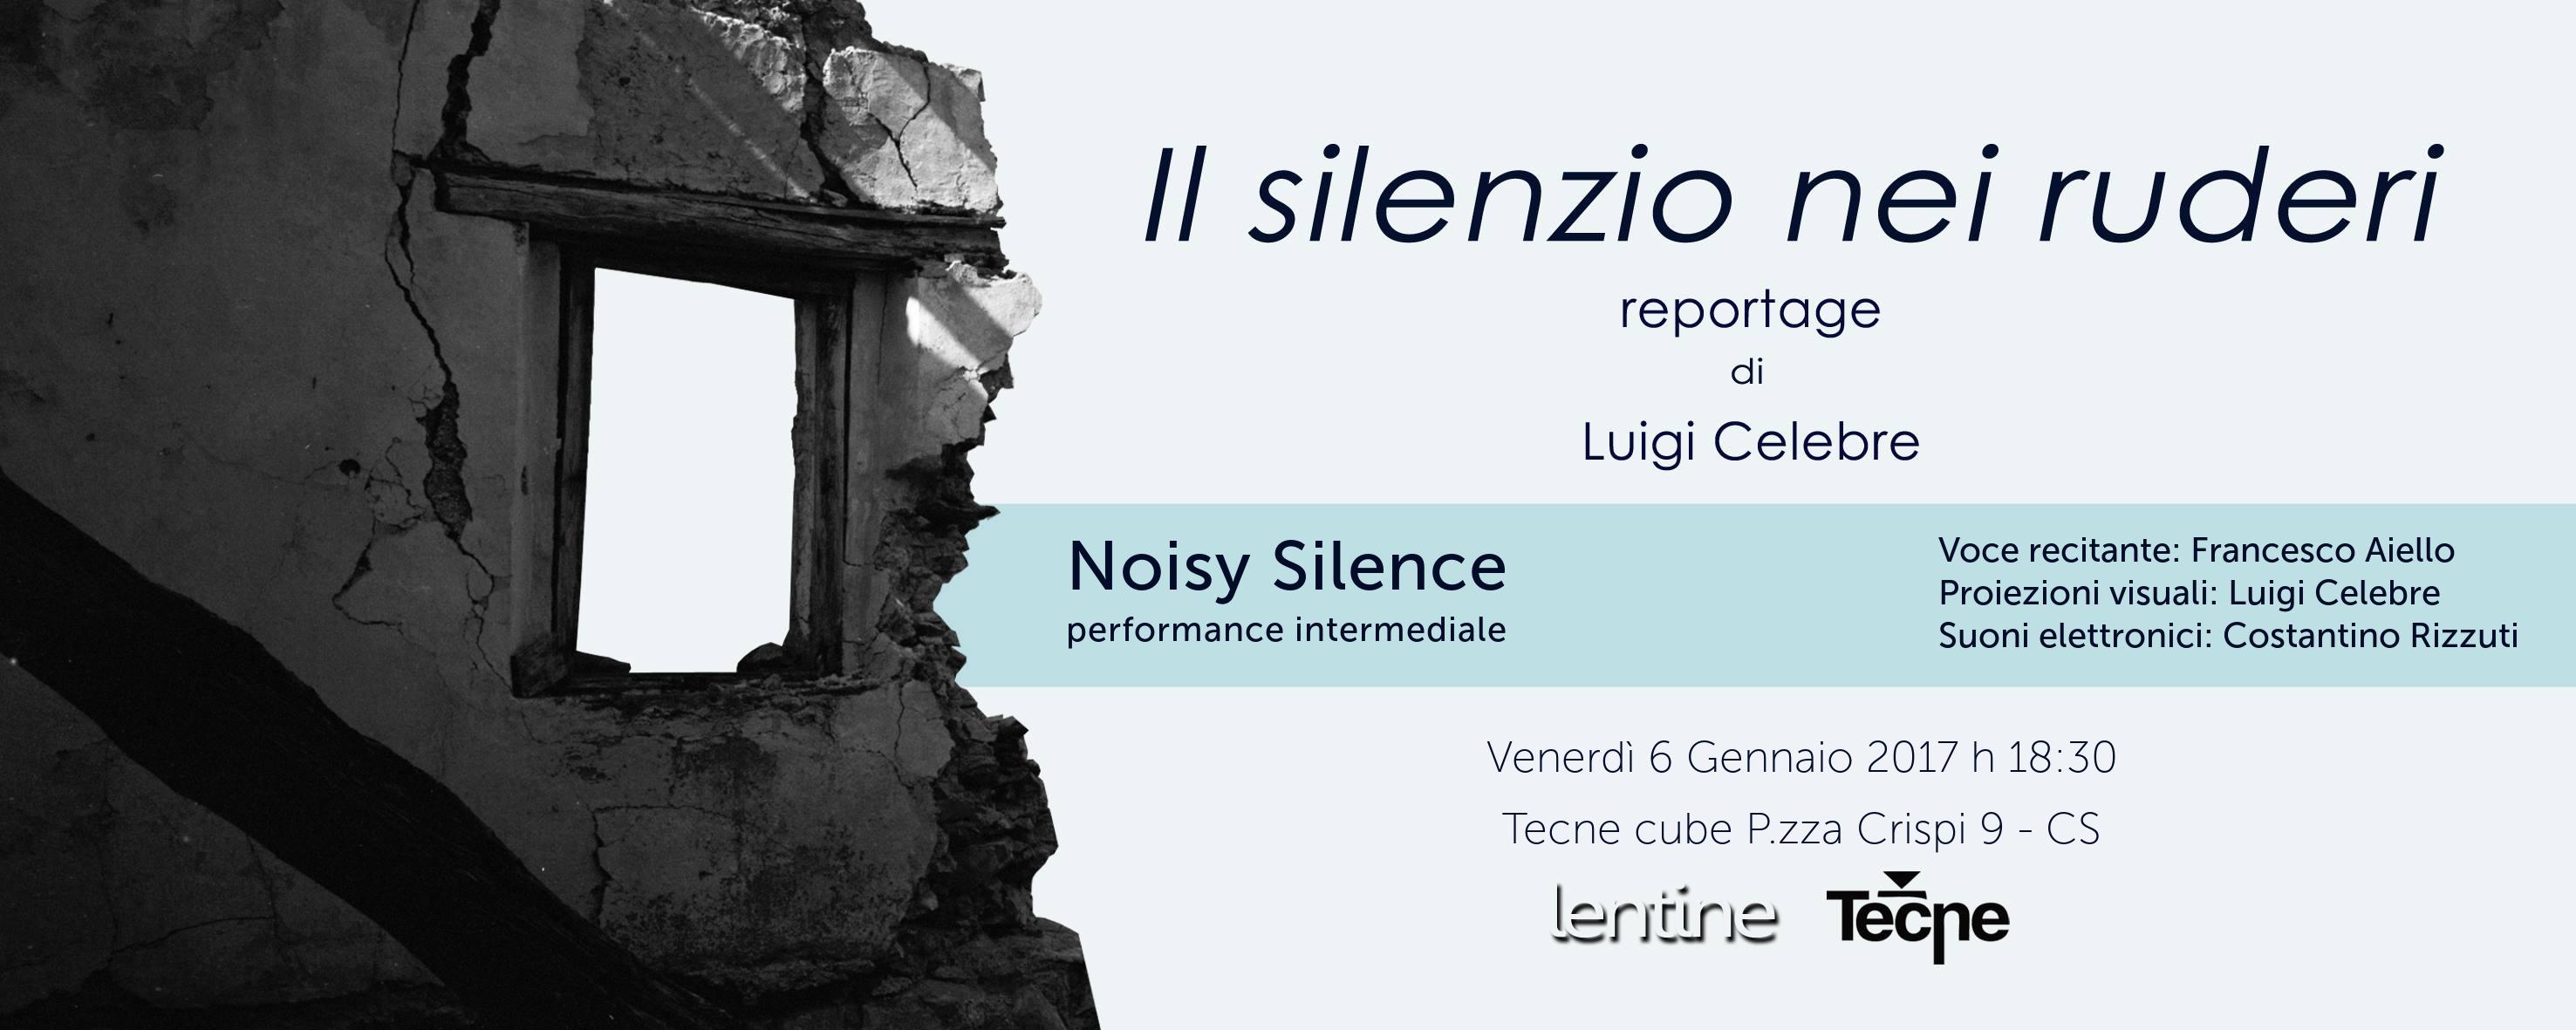 Il Silenzio nei ruderi: una performance tra silenzio, suono e rumore